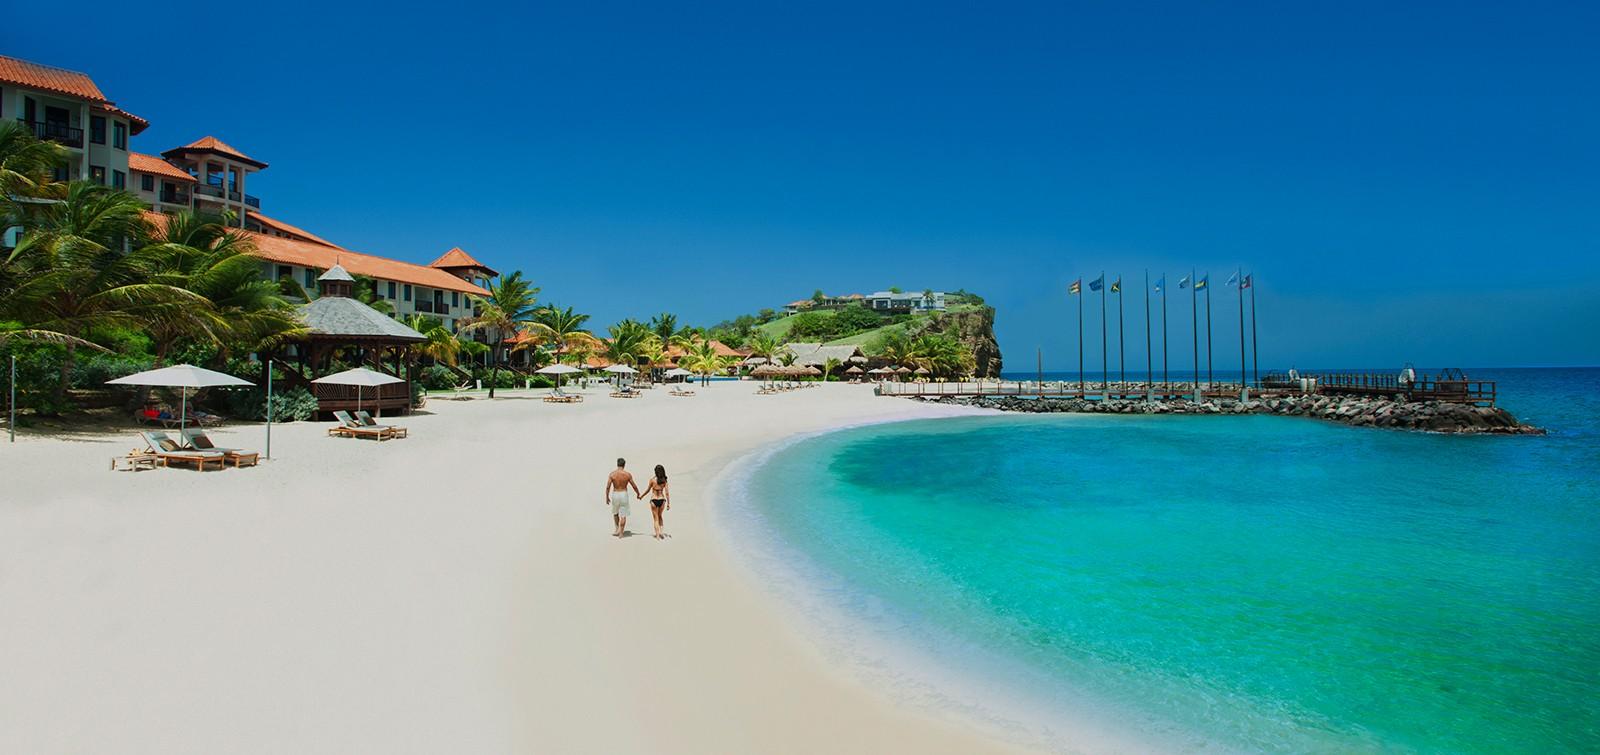 Sandals La Source Grenada  Grenada Honeymoon Packages  Honeymoon Dreams  Honeymoon Dreams